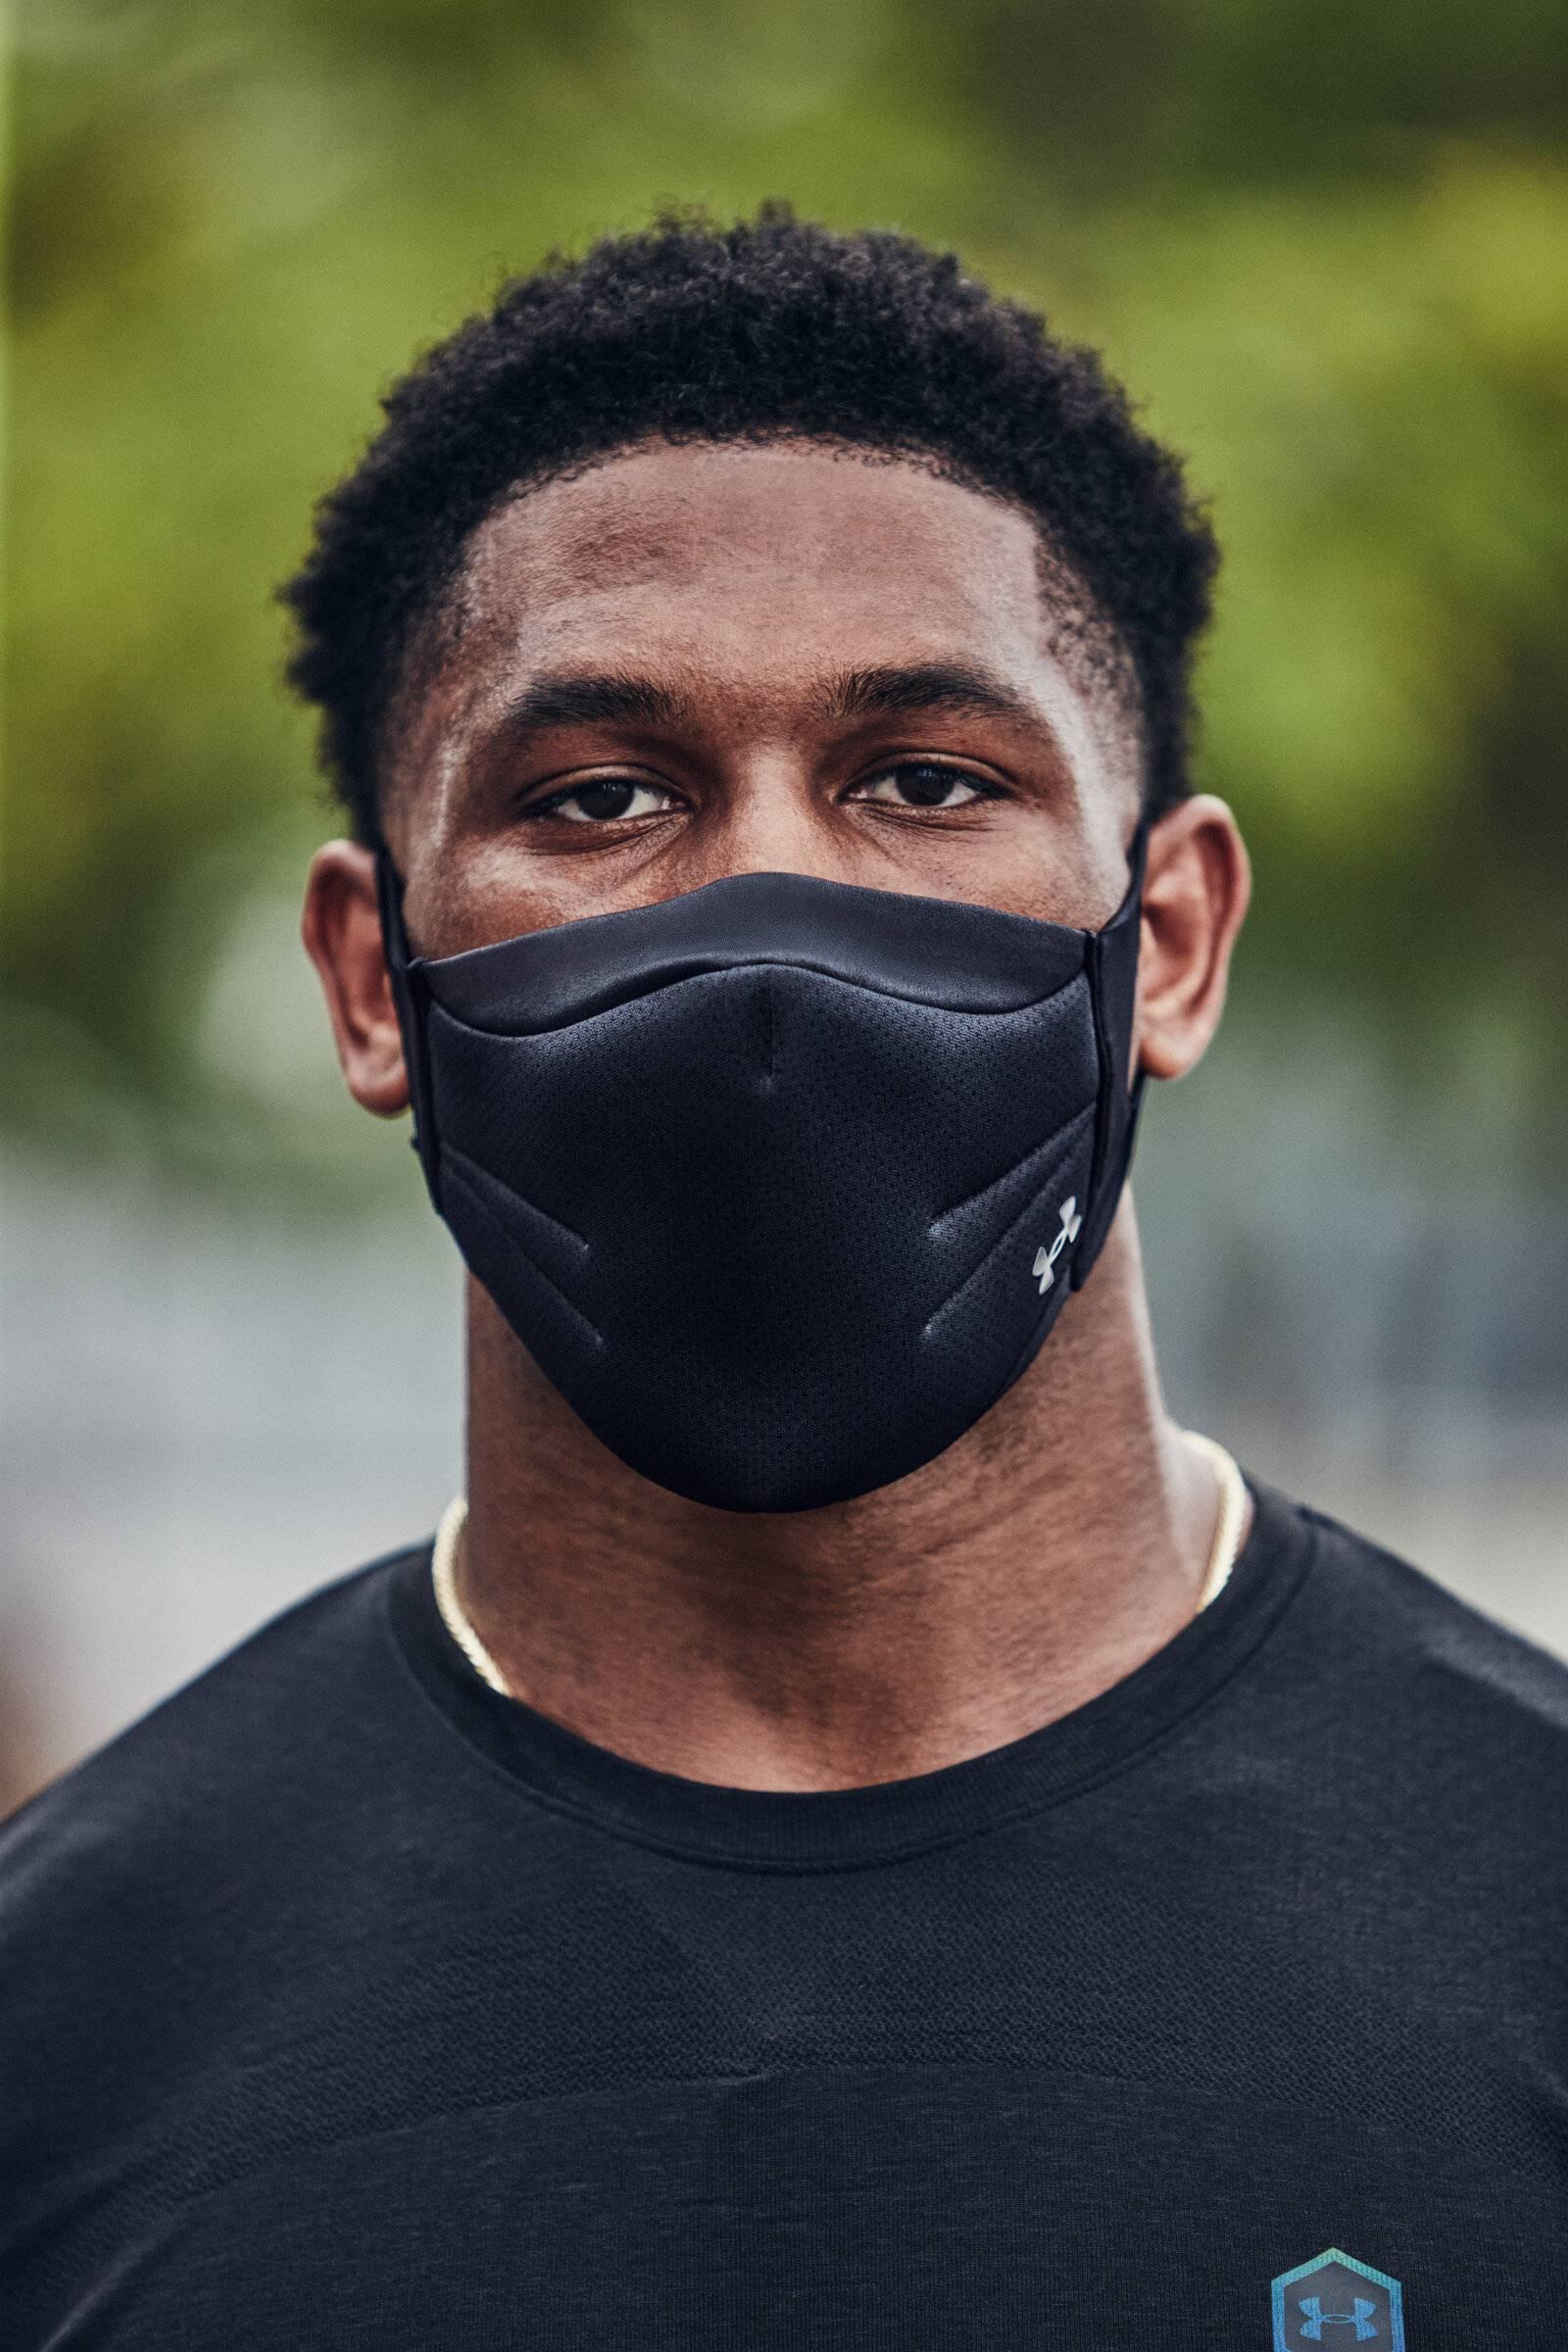 Izumili zaštitnu masku idealnu za sportaše jer je prozračnija i od nje se neće magliti naočale